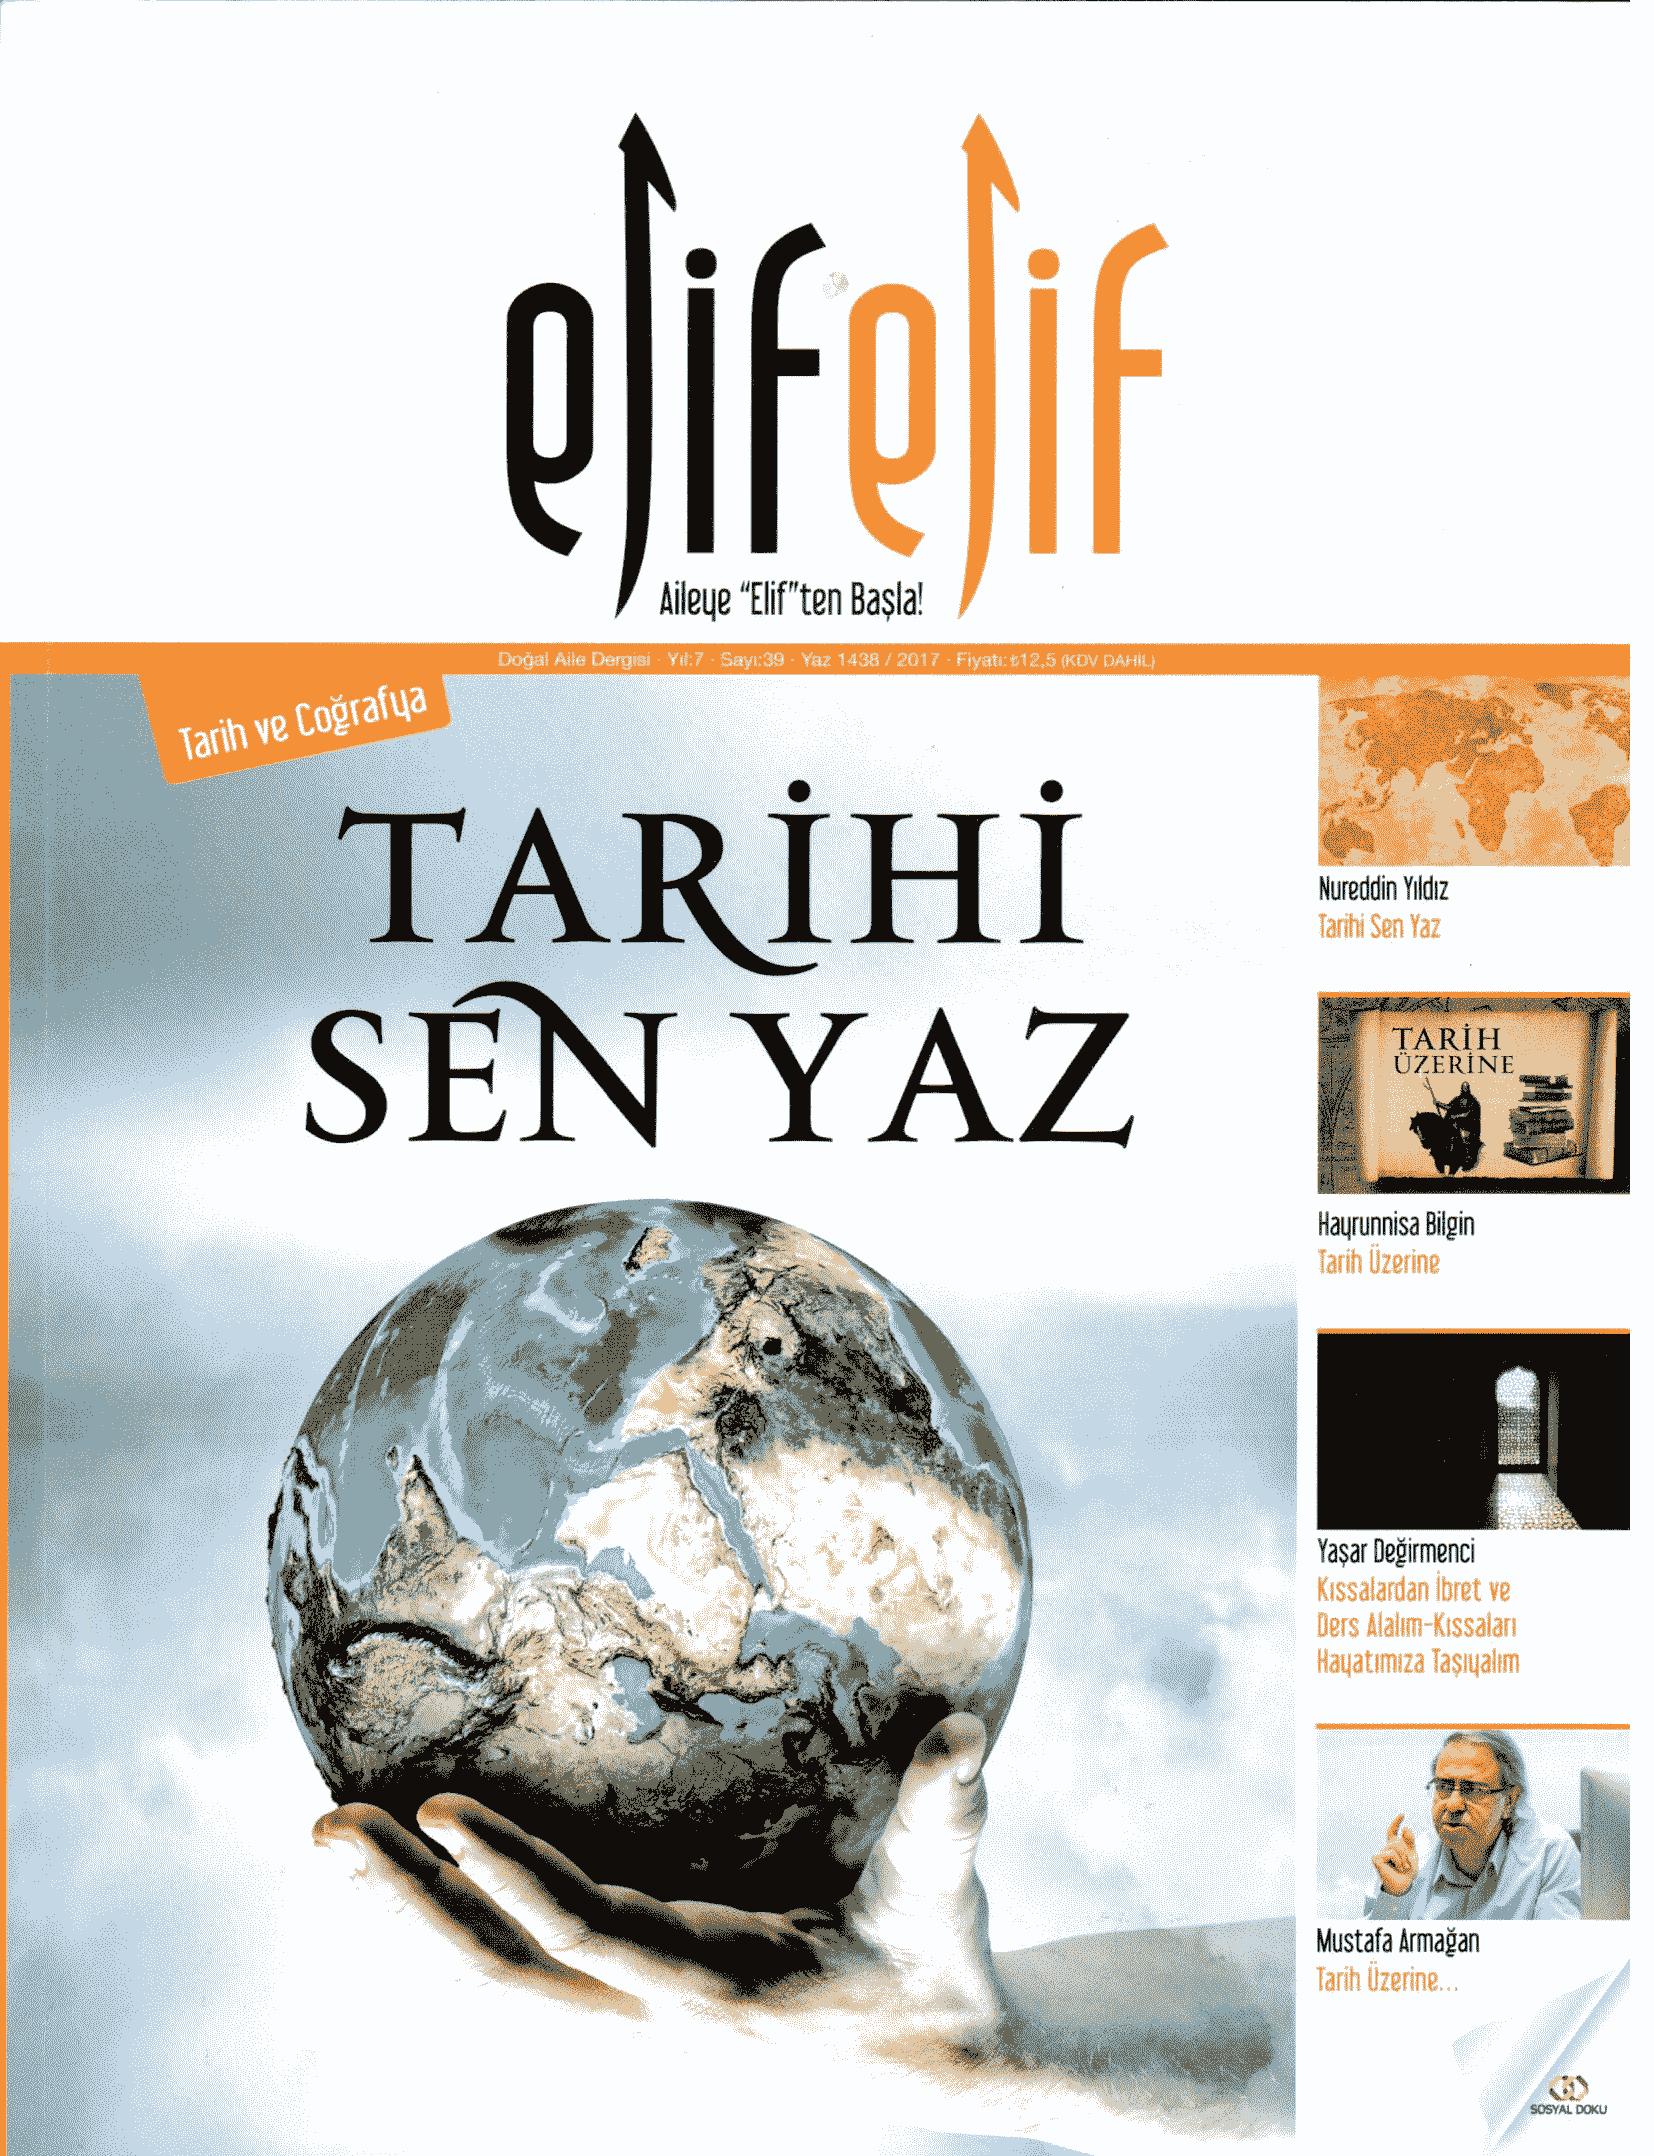 ElifElif Dergisi - Sayı:39 - Tarih ve Coğrafya (Tarihi Sen Yaz)